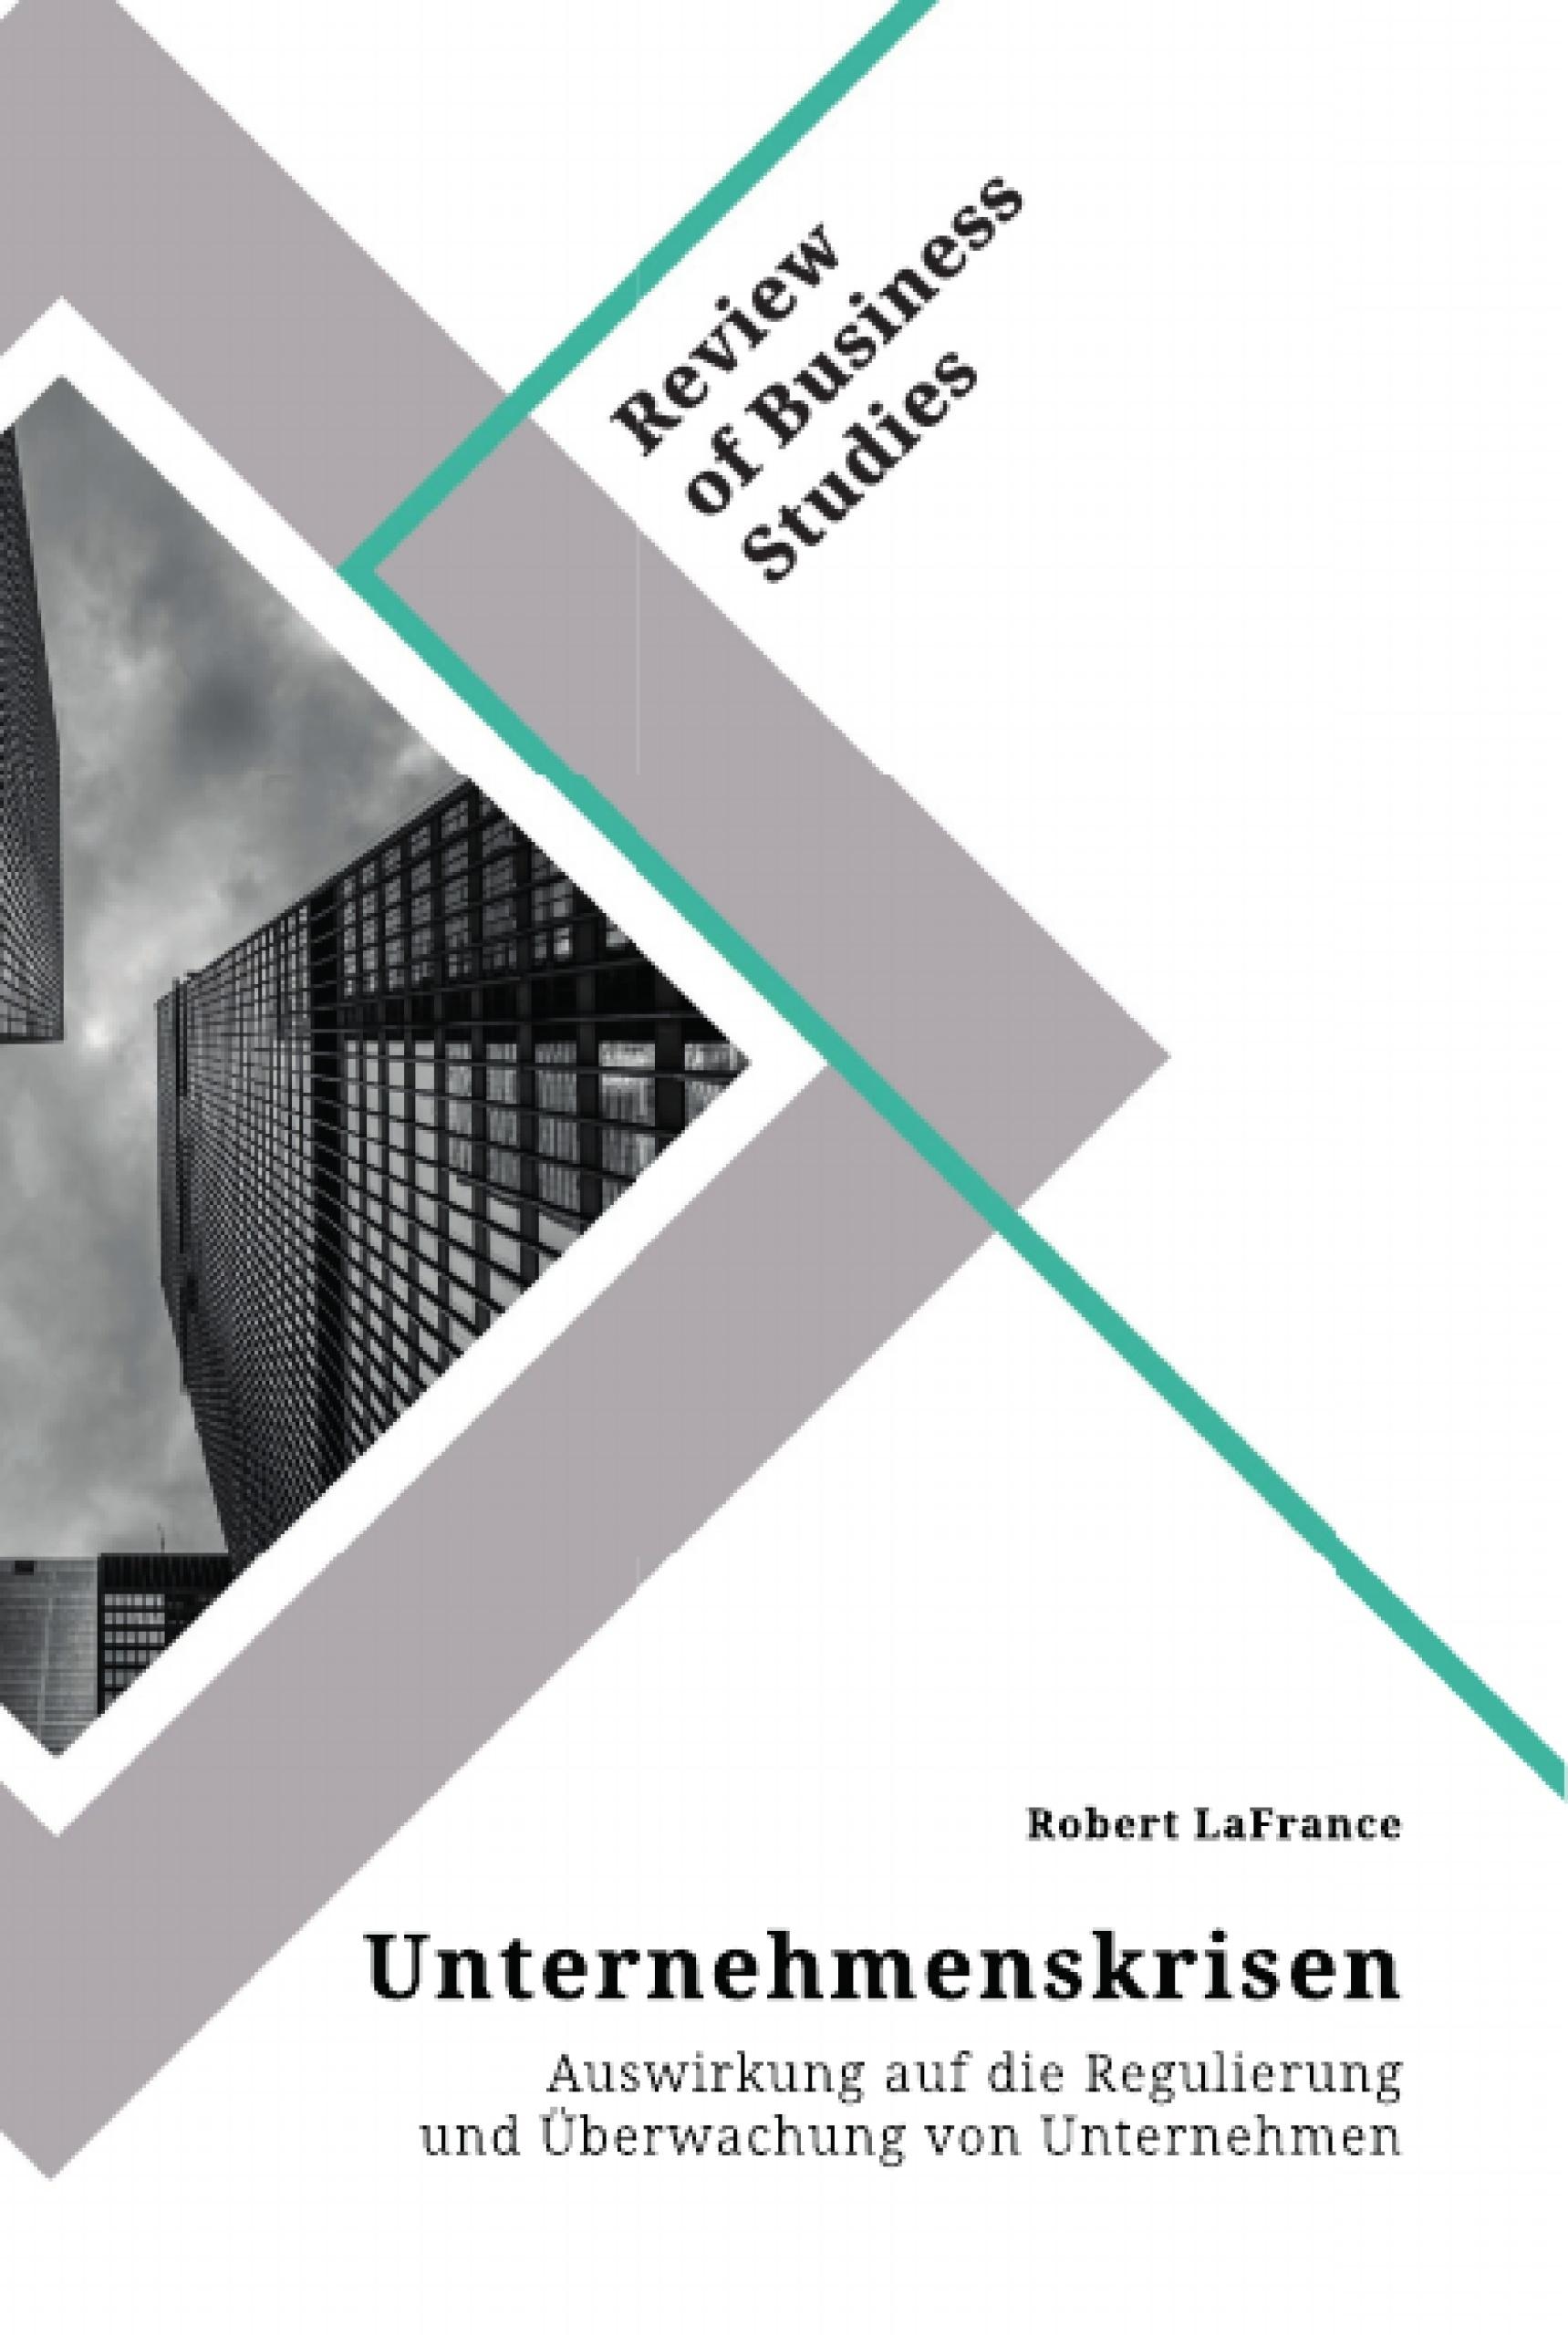 Titel: Unternehmenskrisen. Auswirkung auf die Regulierung und Überwachung von Unternehmen